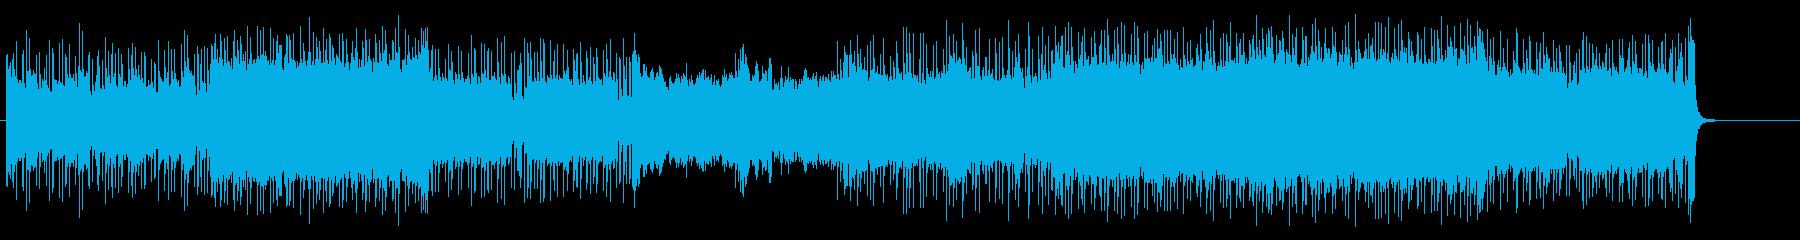 ロック系、未来へ、エール BGM72の再生済みの波形